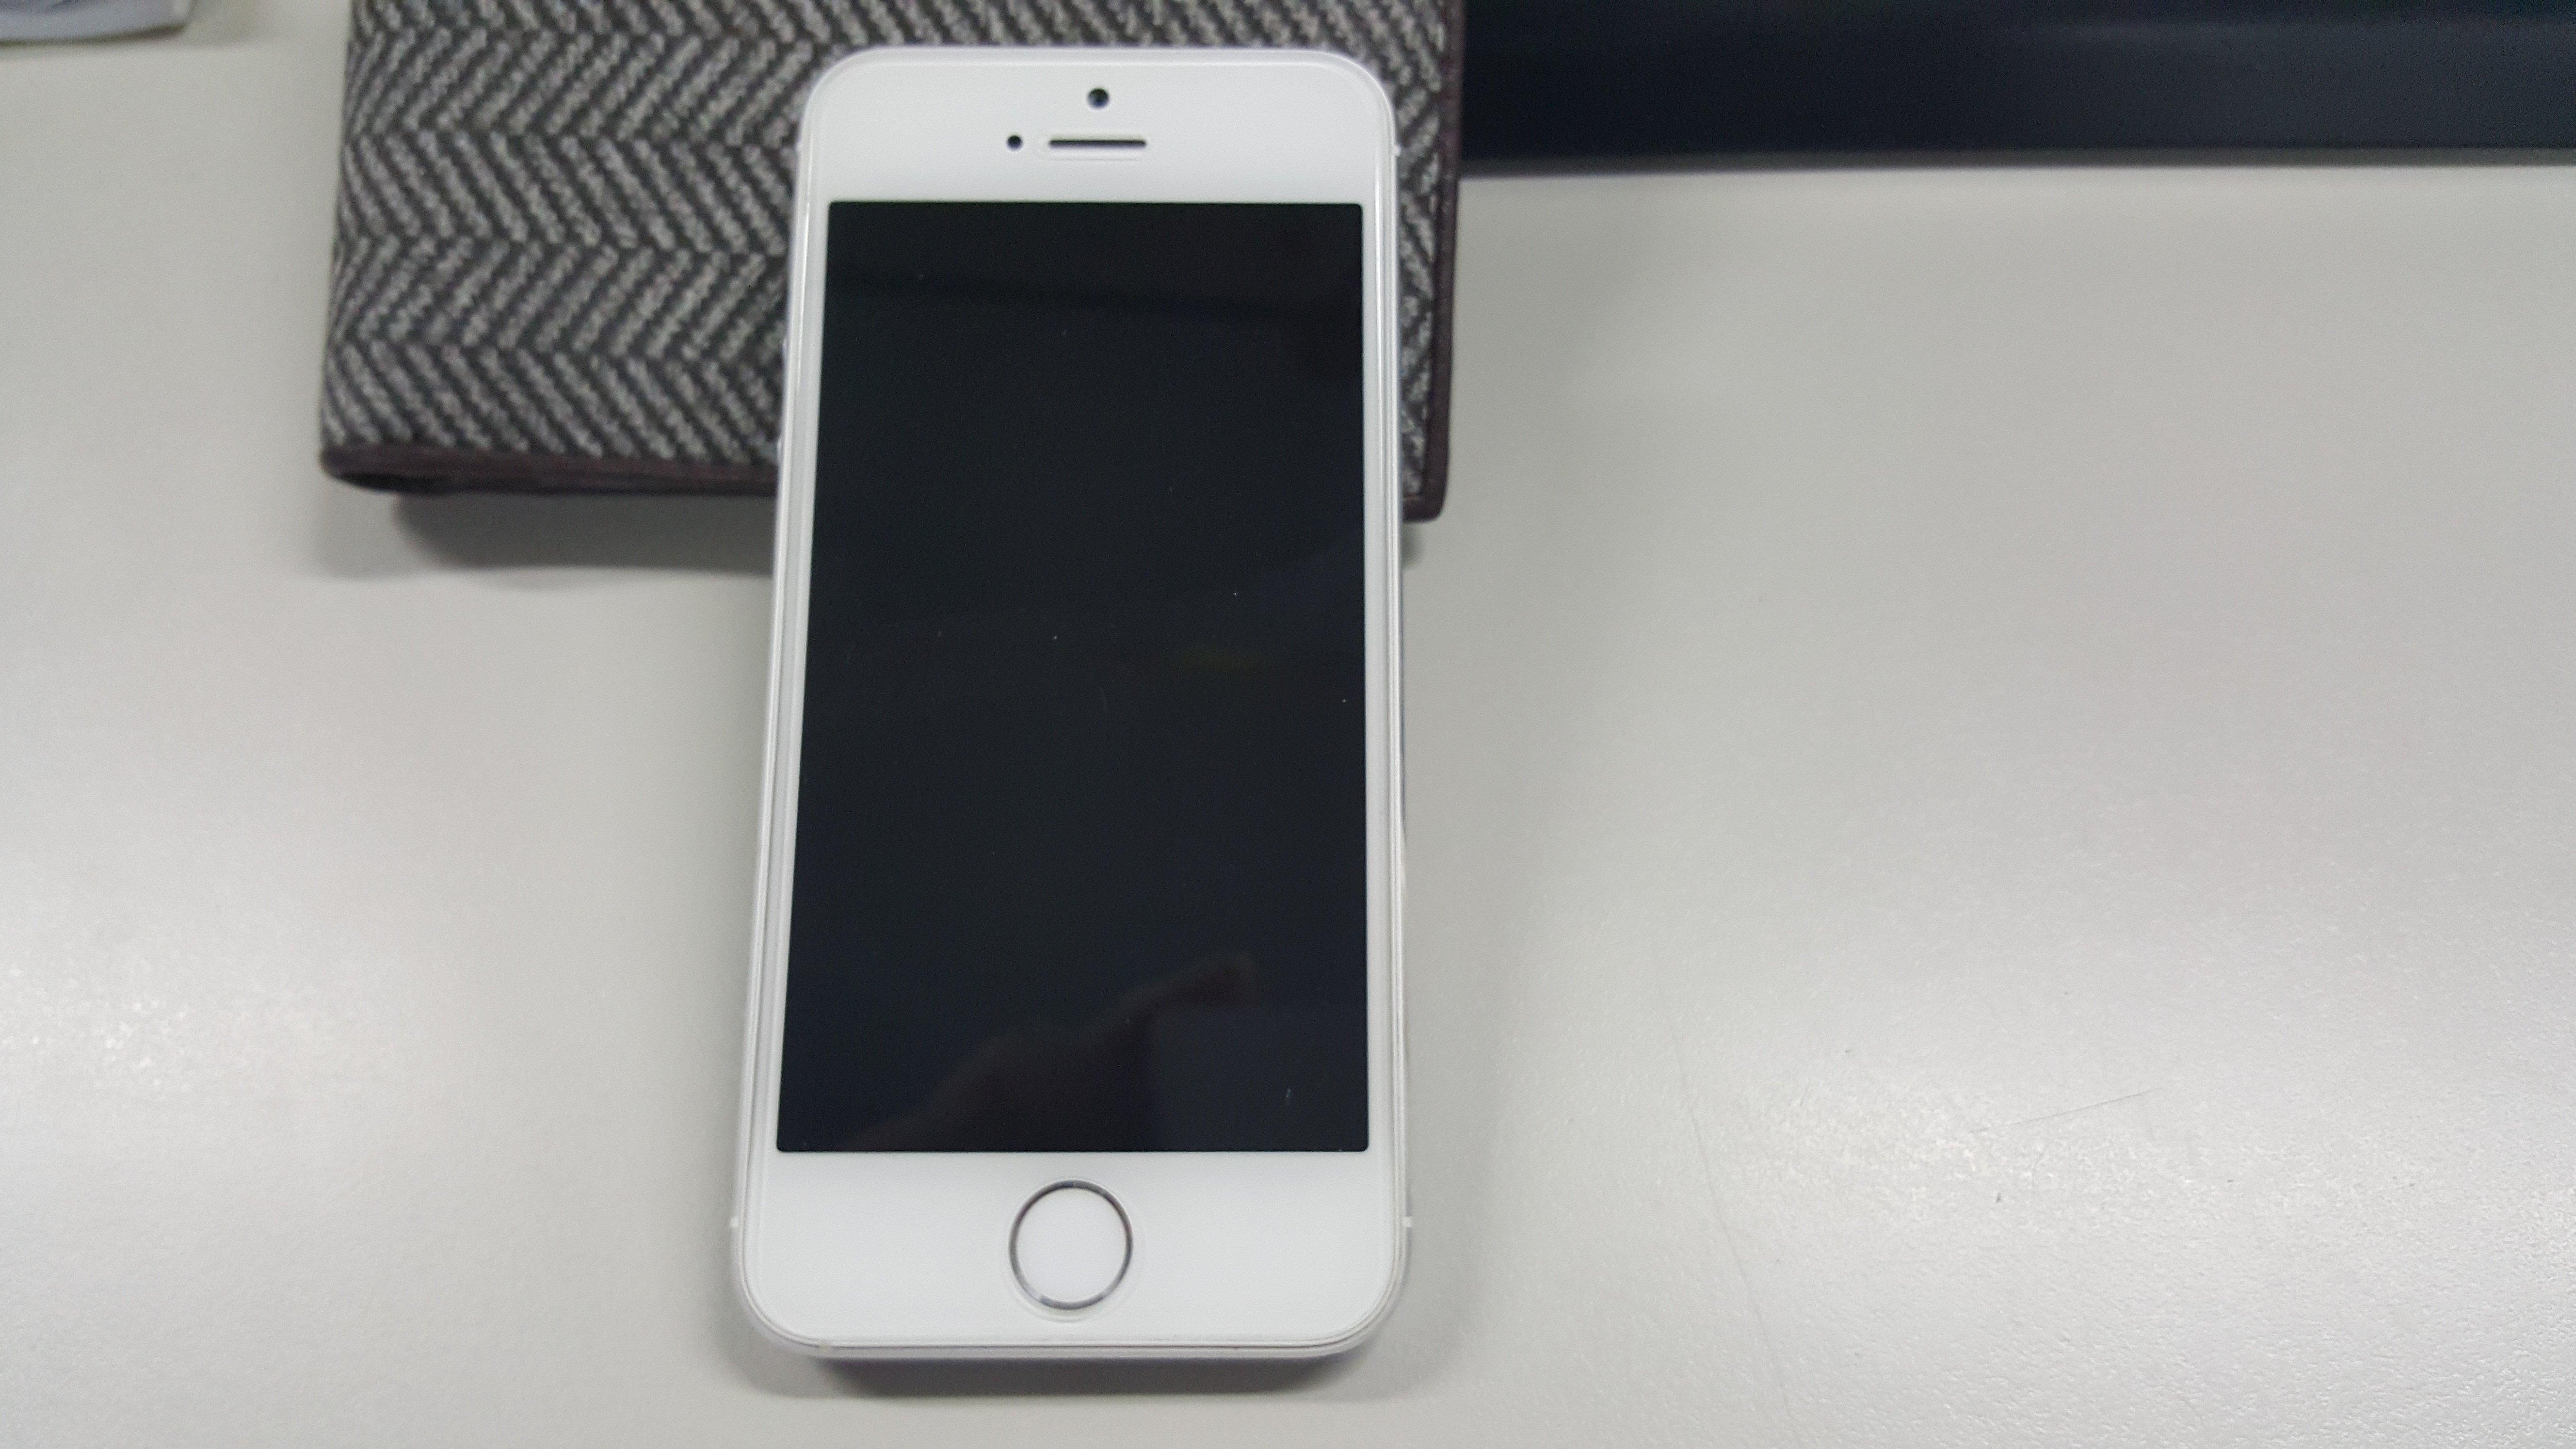 苹果国行a1530_iphone5s与5的区别-iphone5和5s性能的区别_iphone5和5s哪个好_ipone5和5s是 ...